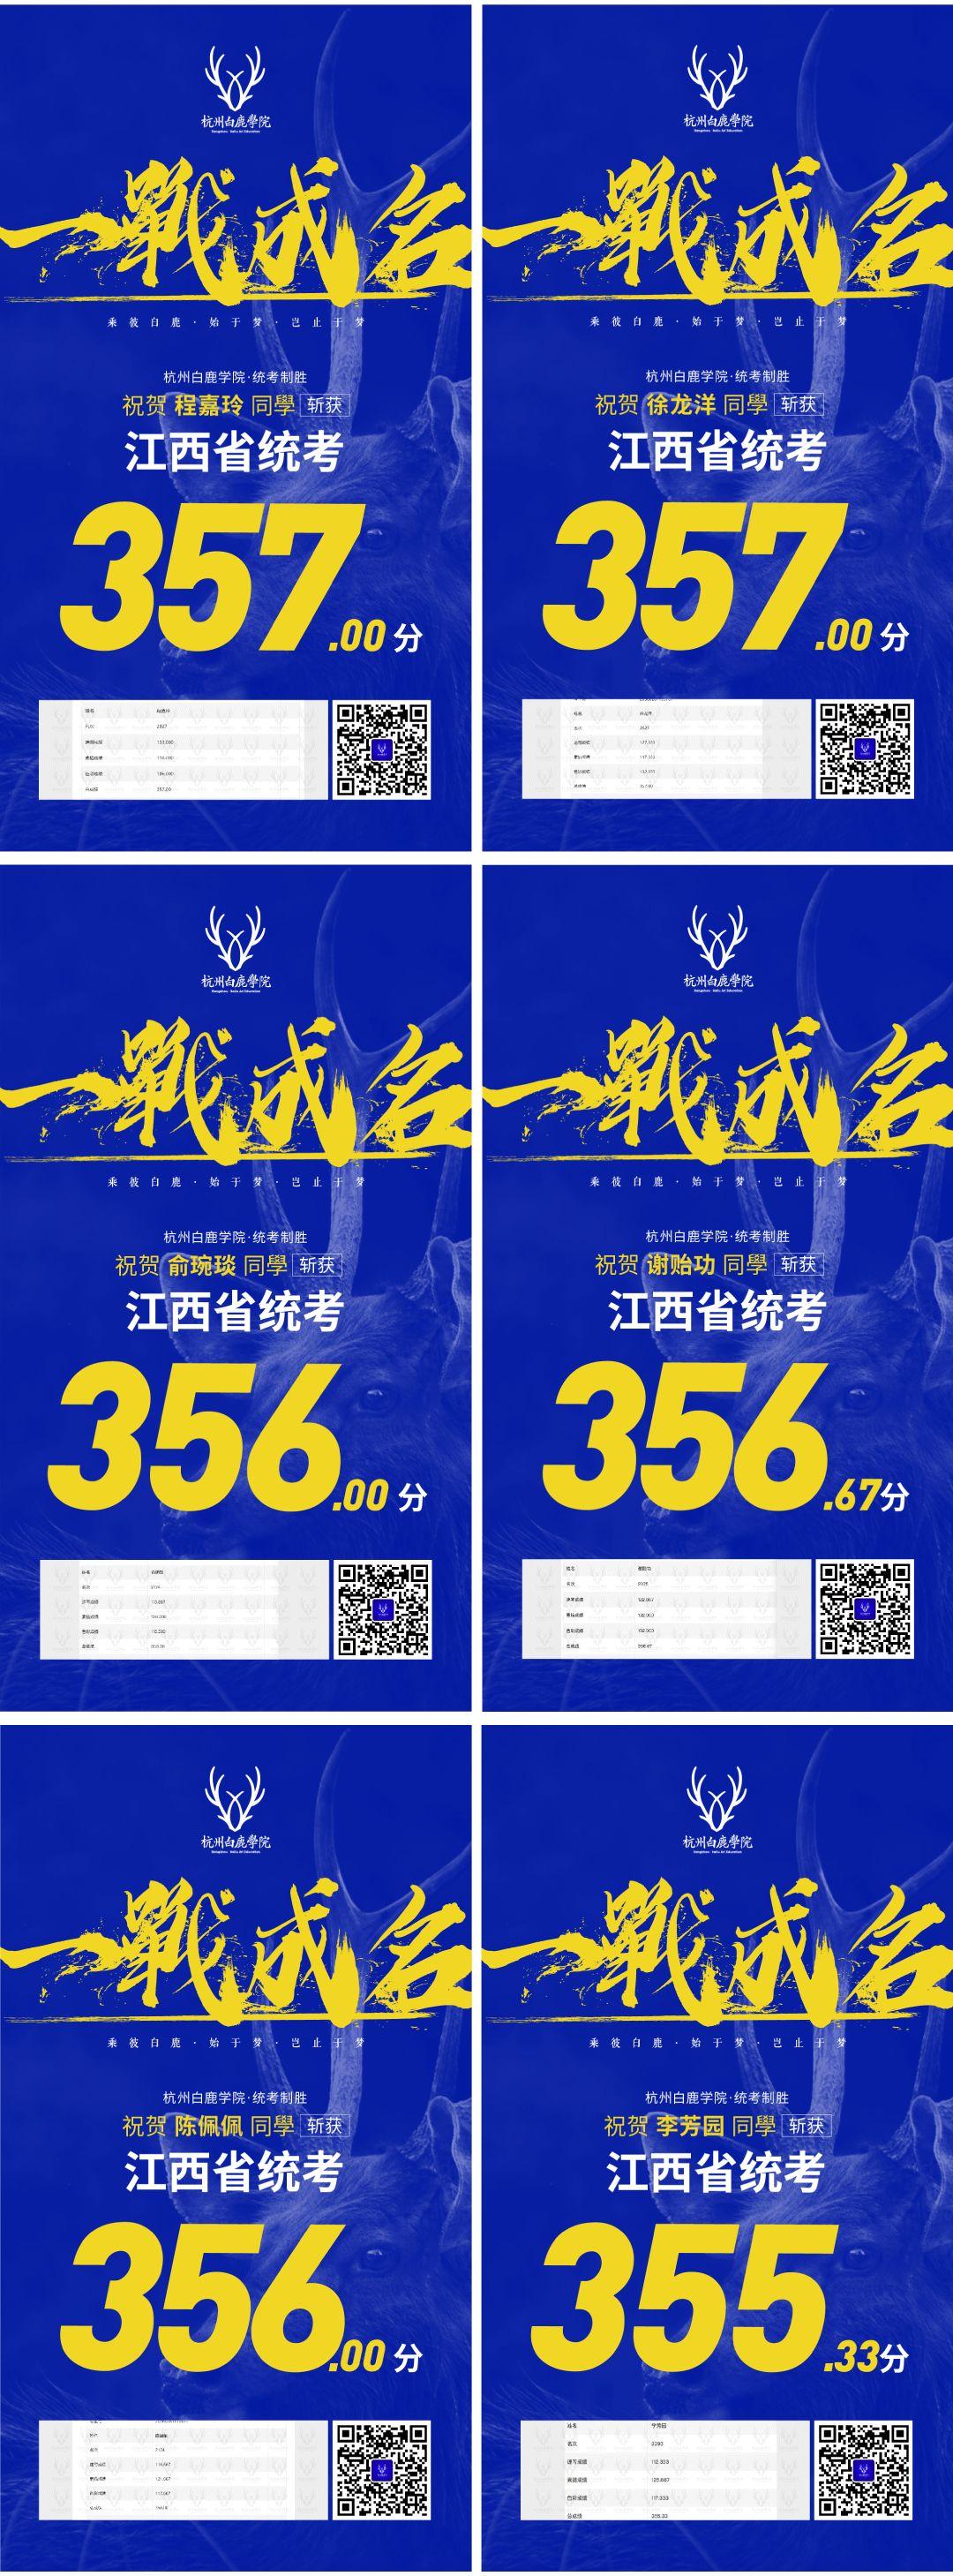 杭州画室,杭州美术培训,杭州联考美术培训,28